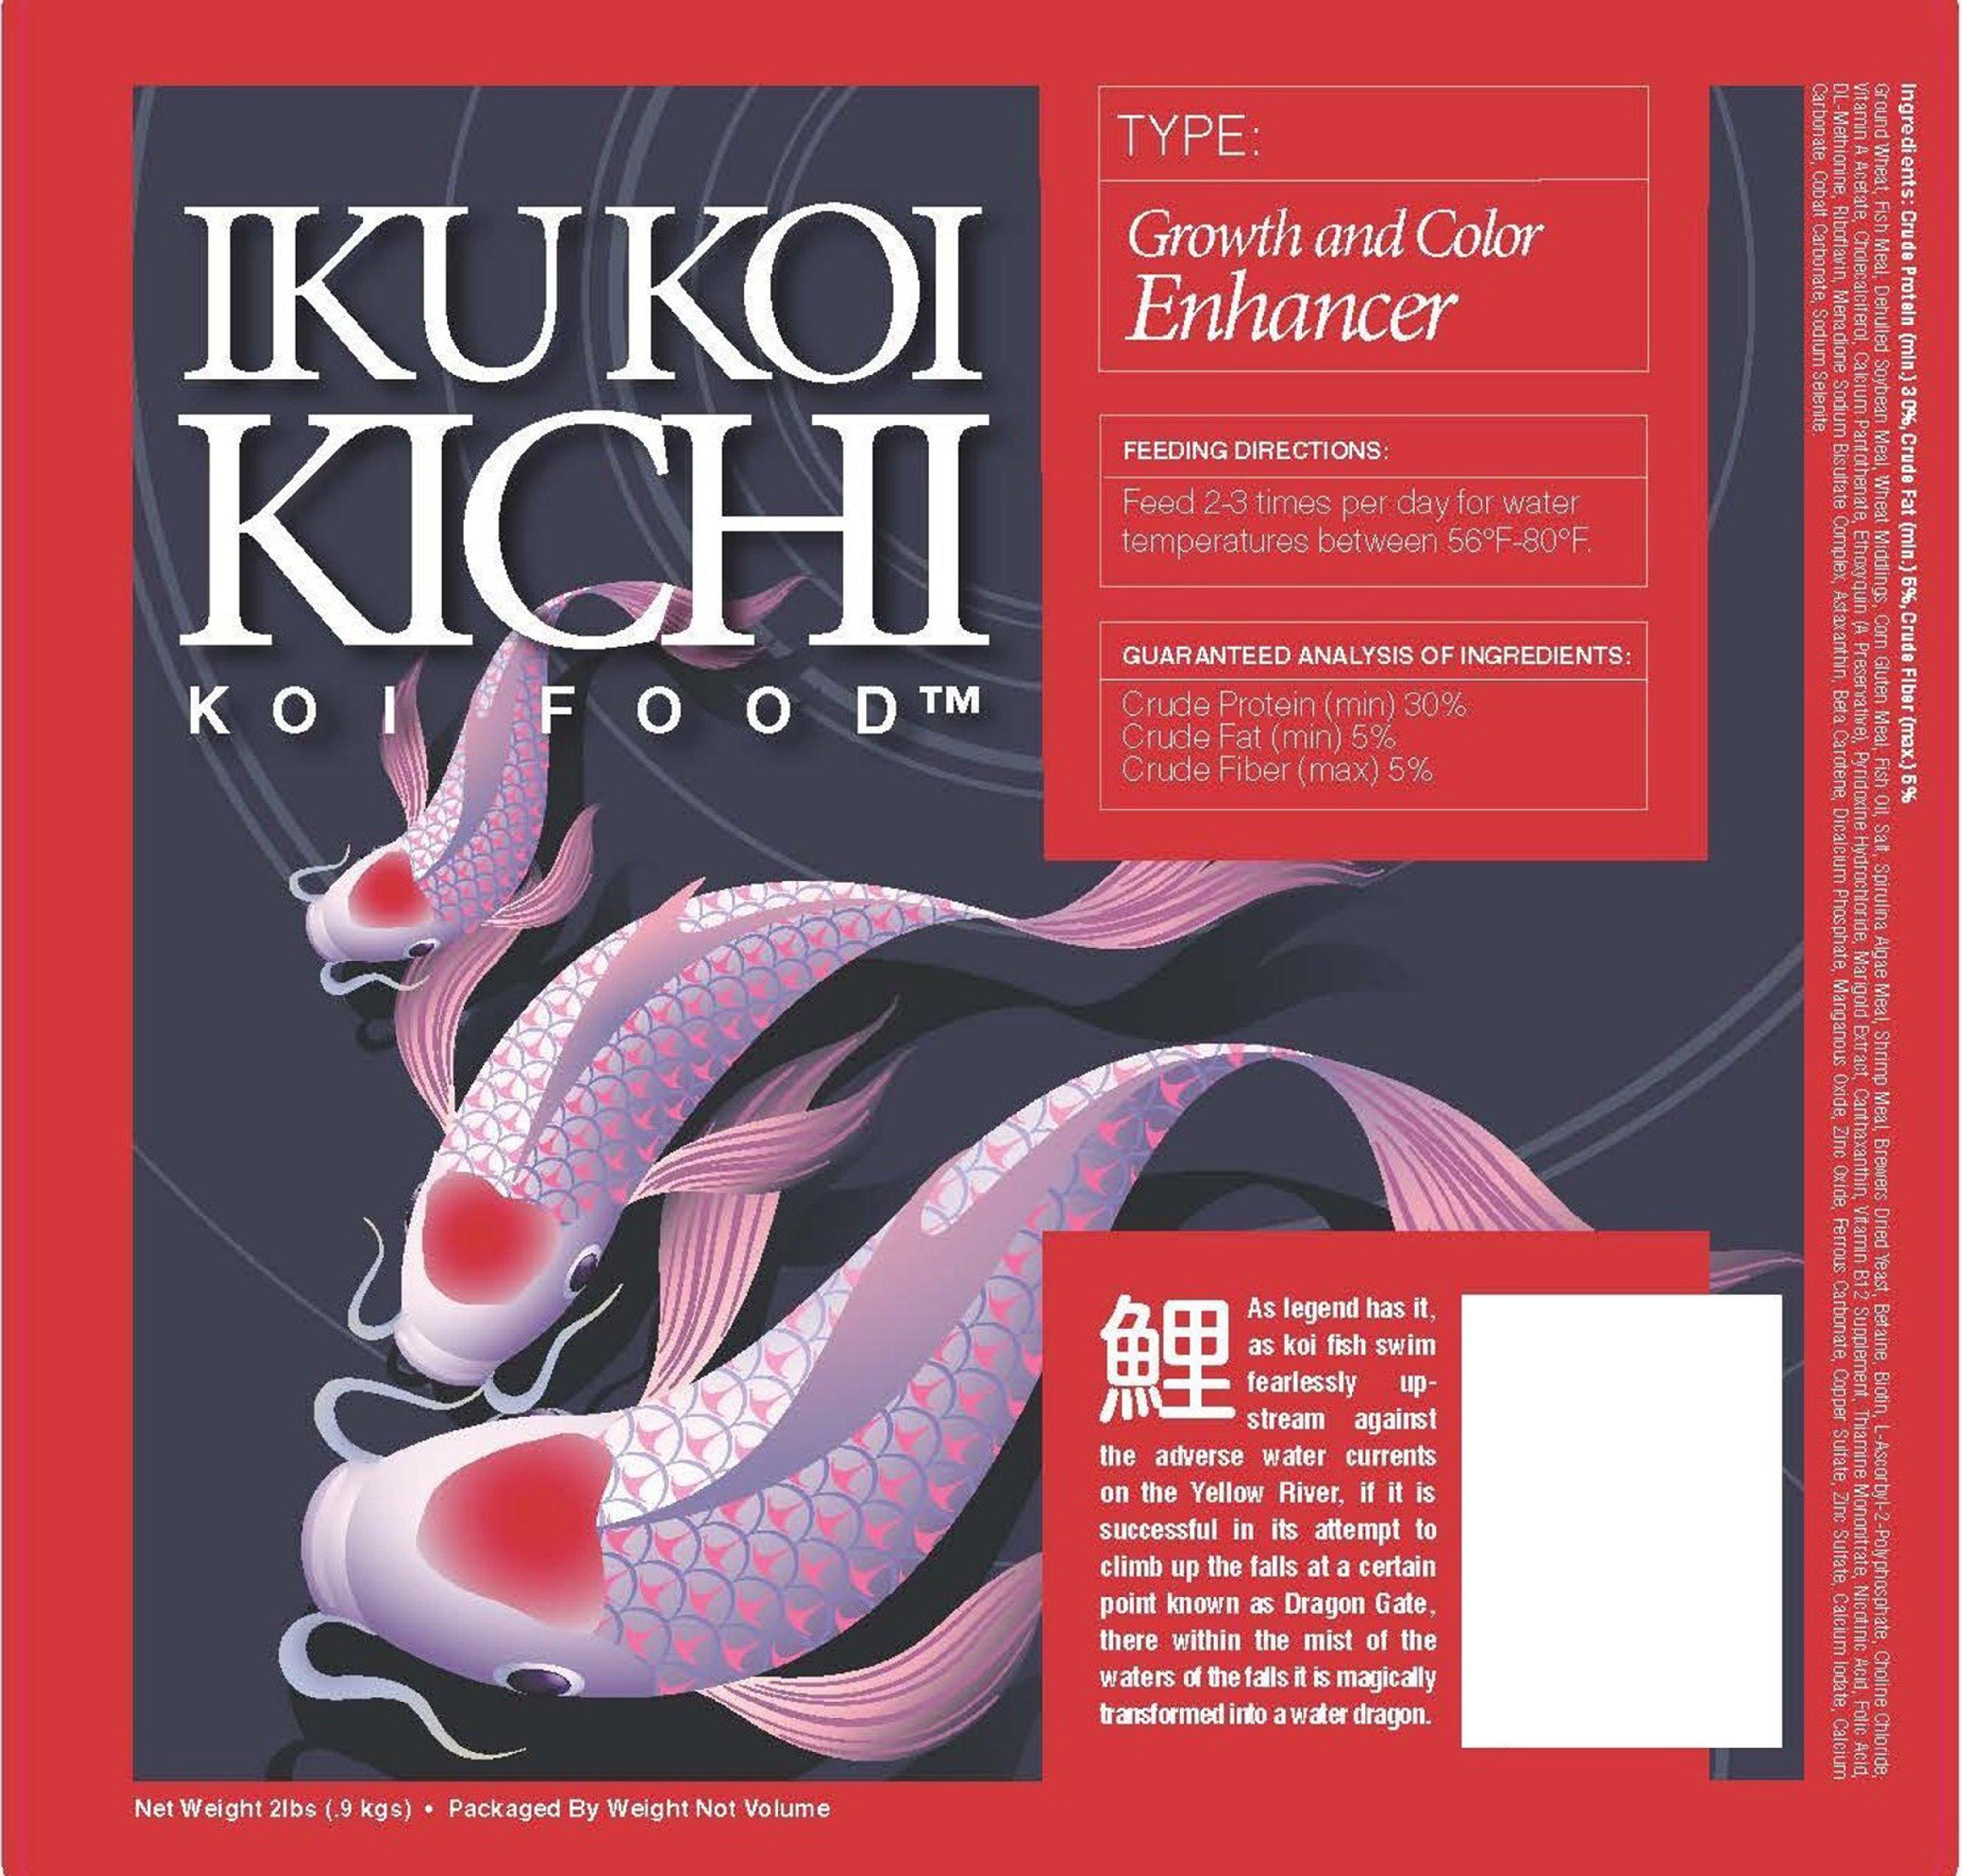 IKU KOI KICHI Color Enhancer Koi Fish Food, 40-Pound by IKU KOI KICHI